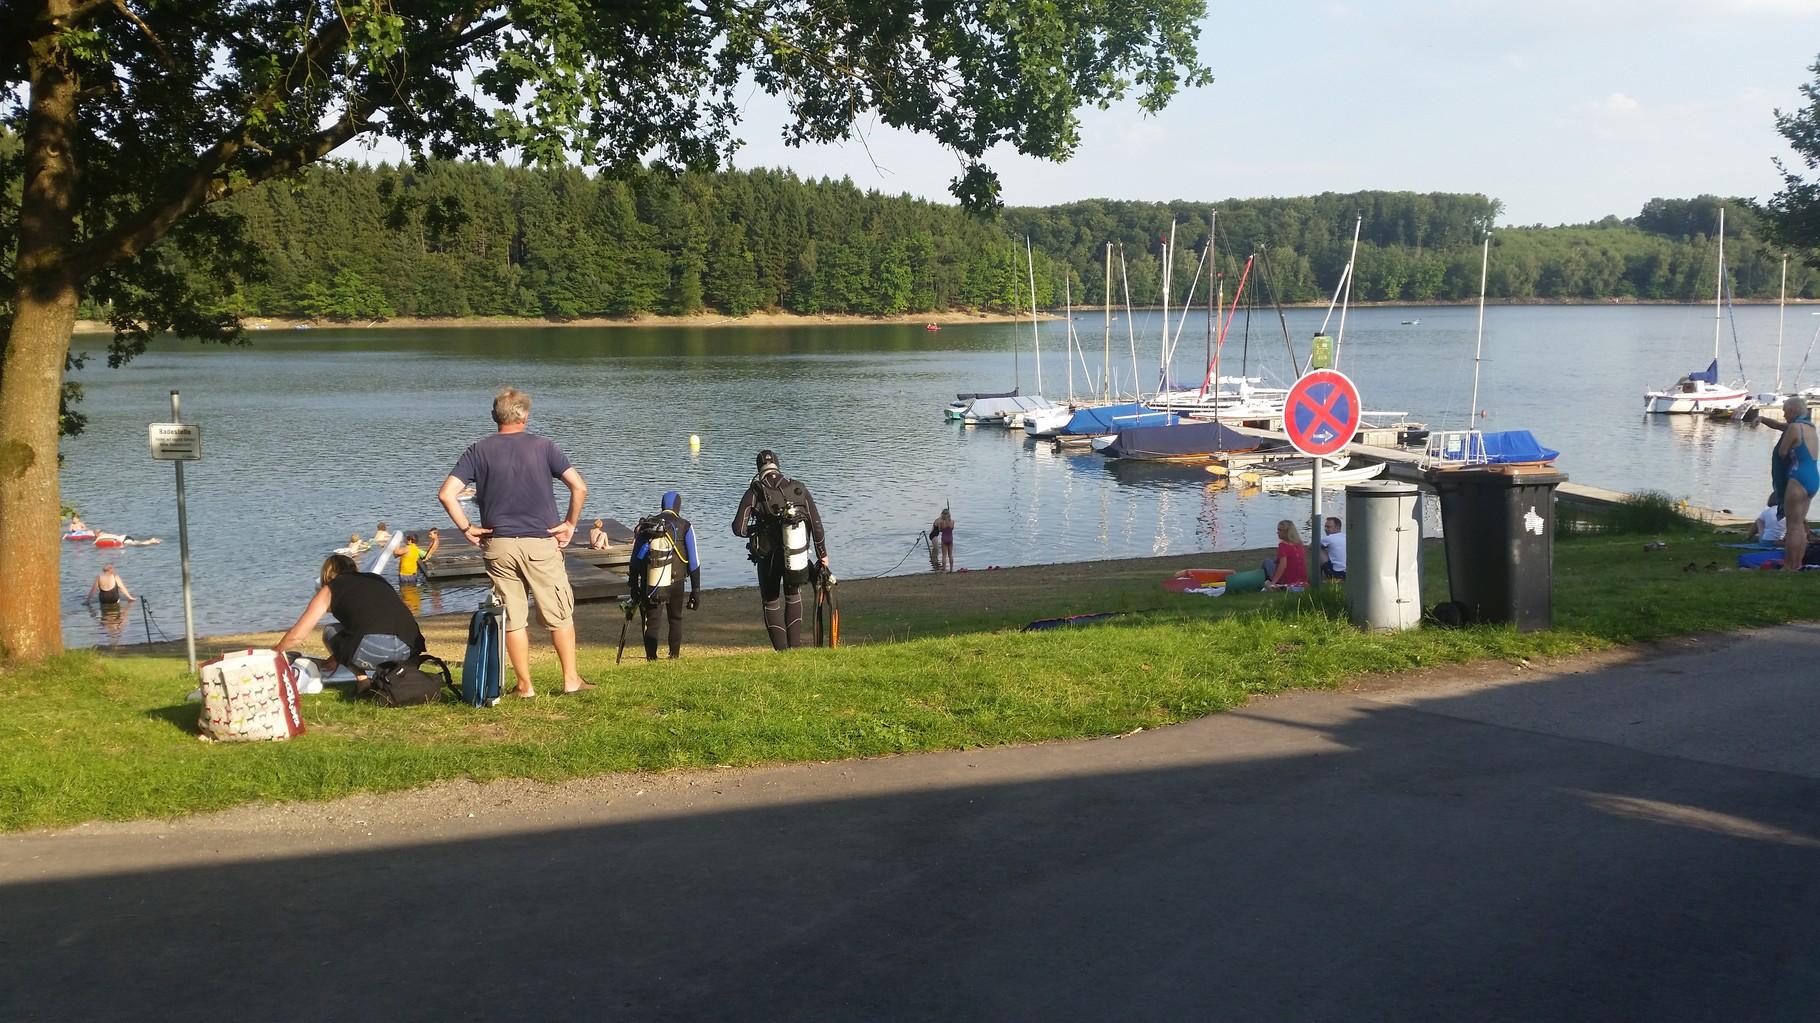 Beim erkunden fanden wir sogar Hobby Taucher auf dem Weg ins Wasser.